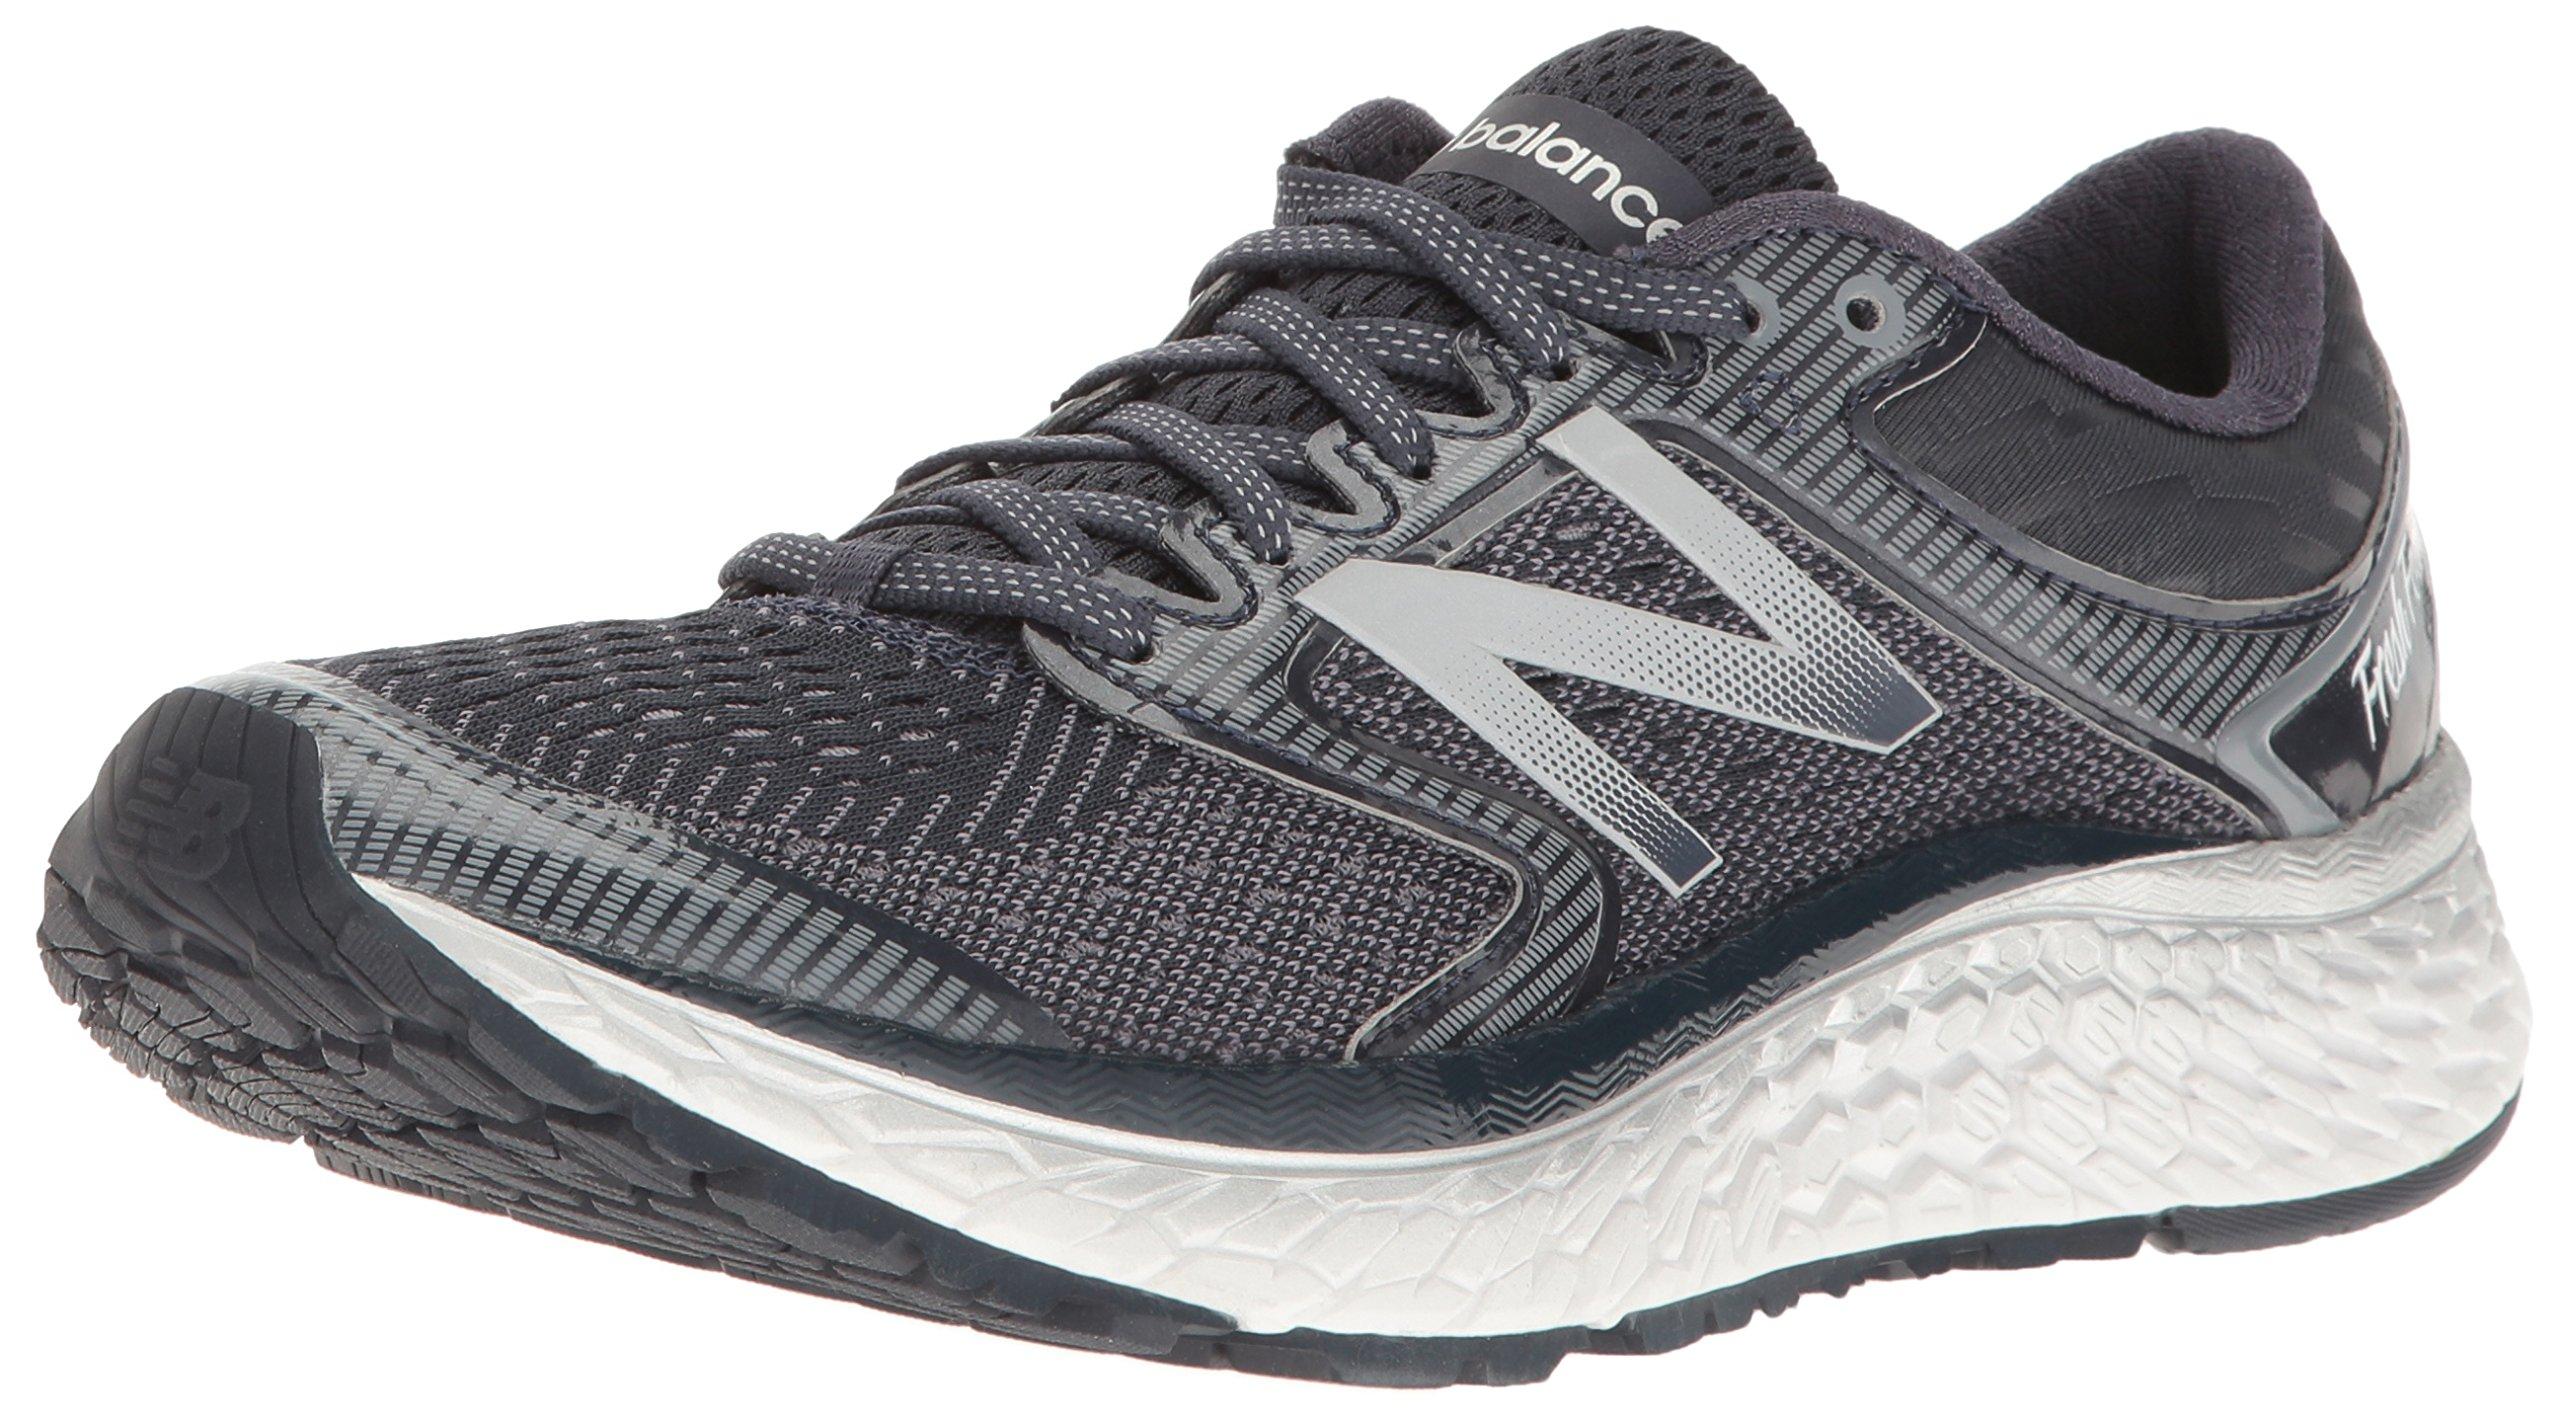 New Balance Women's Fresh Foam 1080v7 Running Shoe, Thunder/White, 6.5 B US